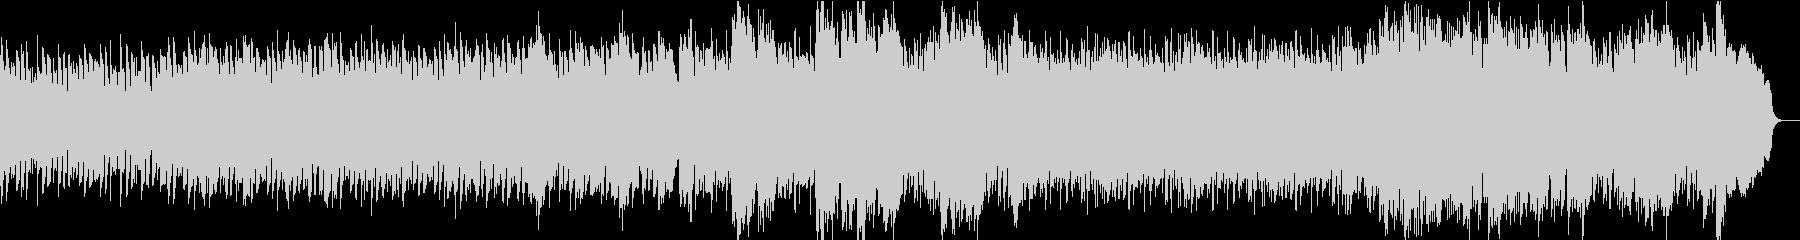 優しさに包まれる感動ピアノ3Pf&ソロ弦の未再生の波形